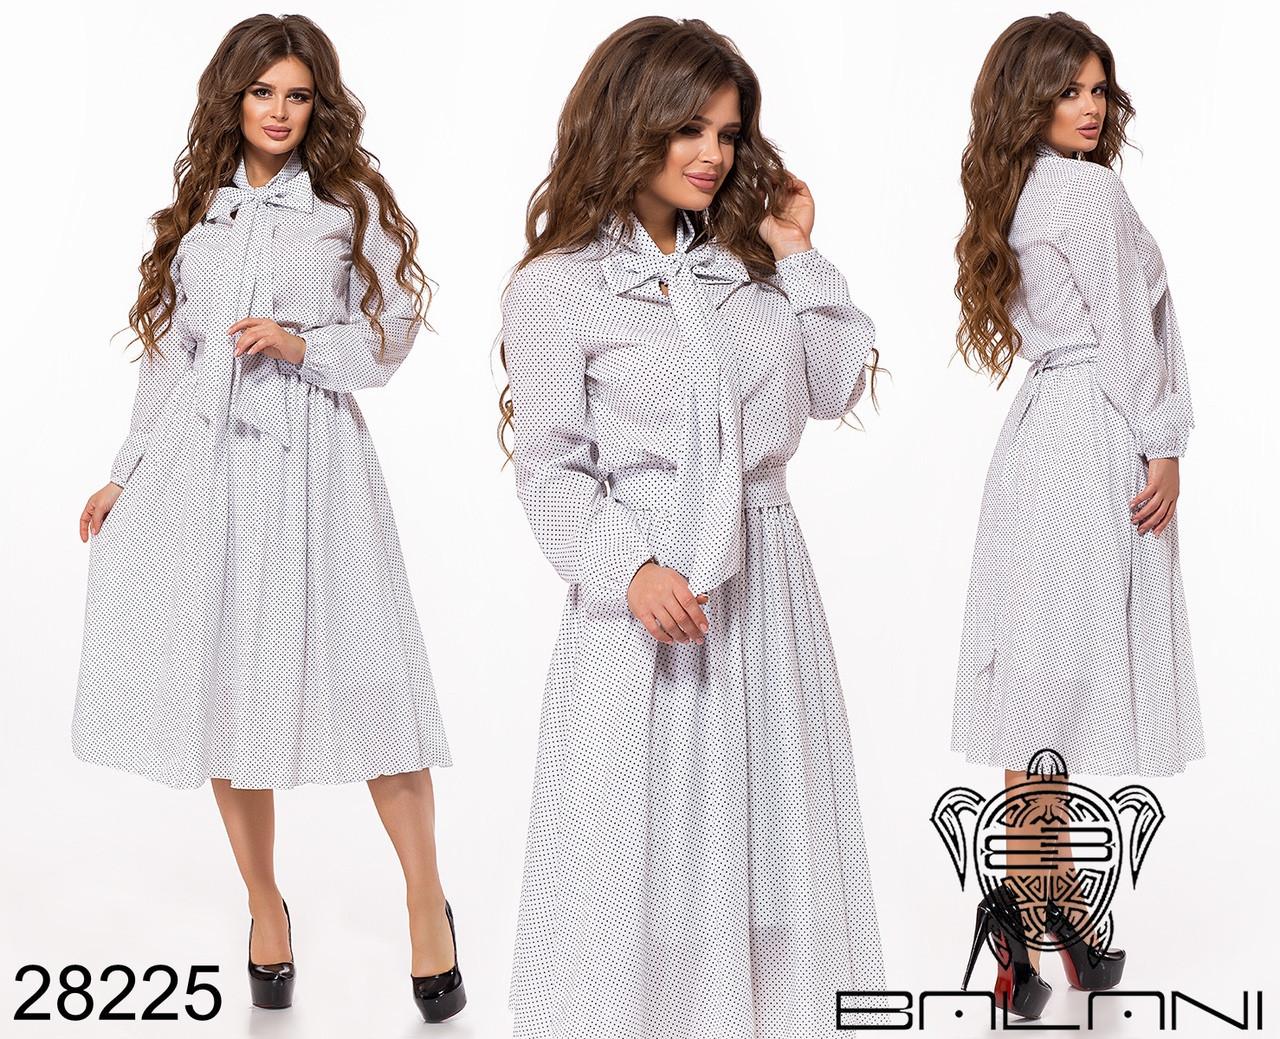 Элегантное женское платье размер 42-44,46-48